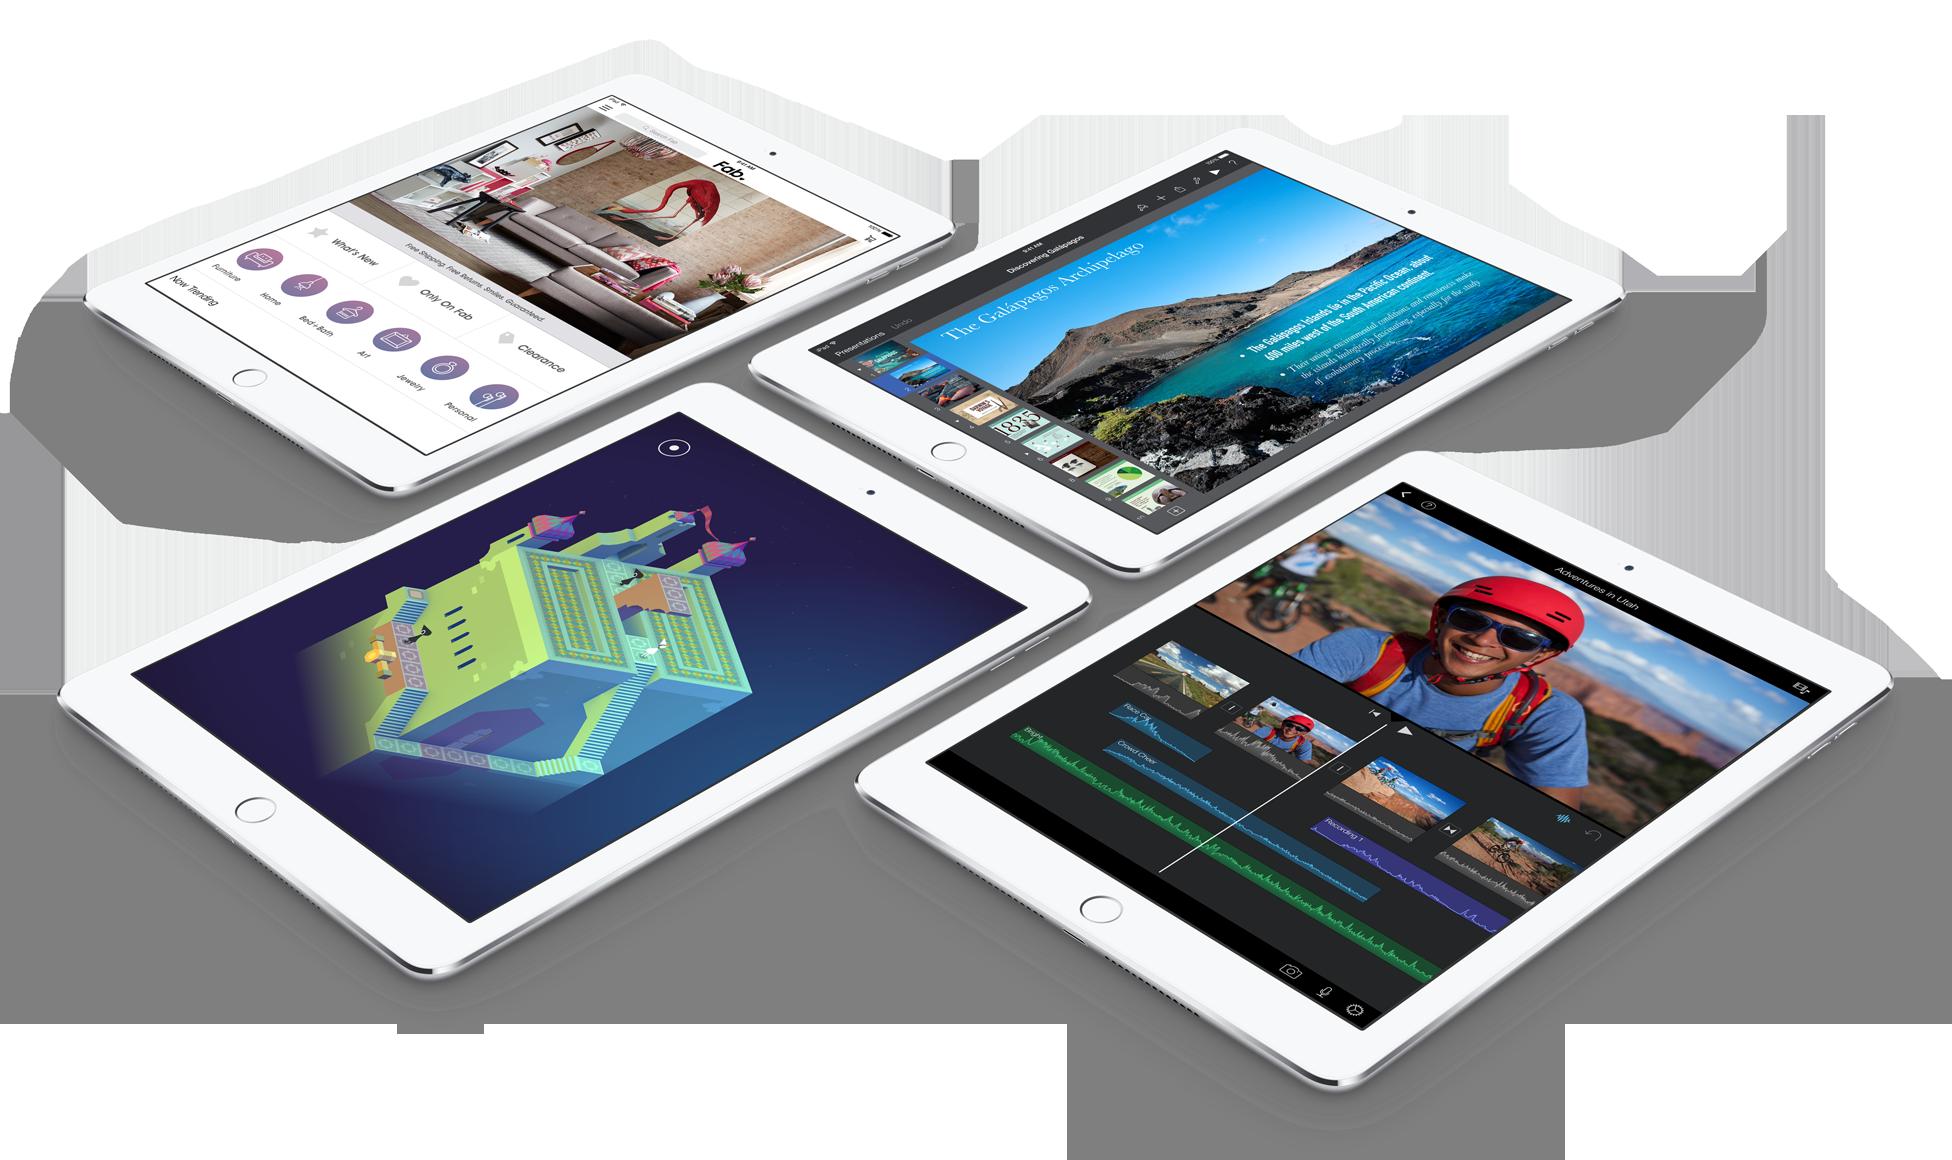 cách chọn địa điểm sửa iPad uy tín tại Đà Nẵng